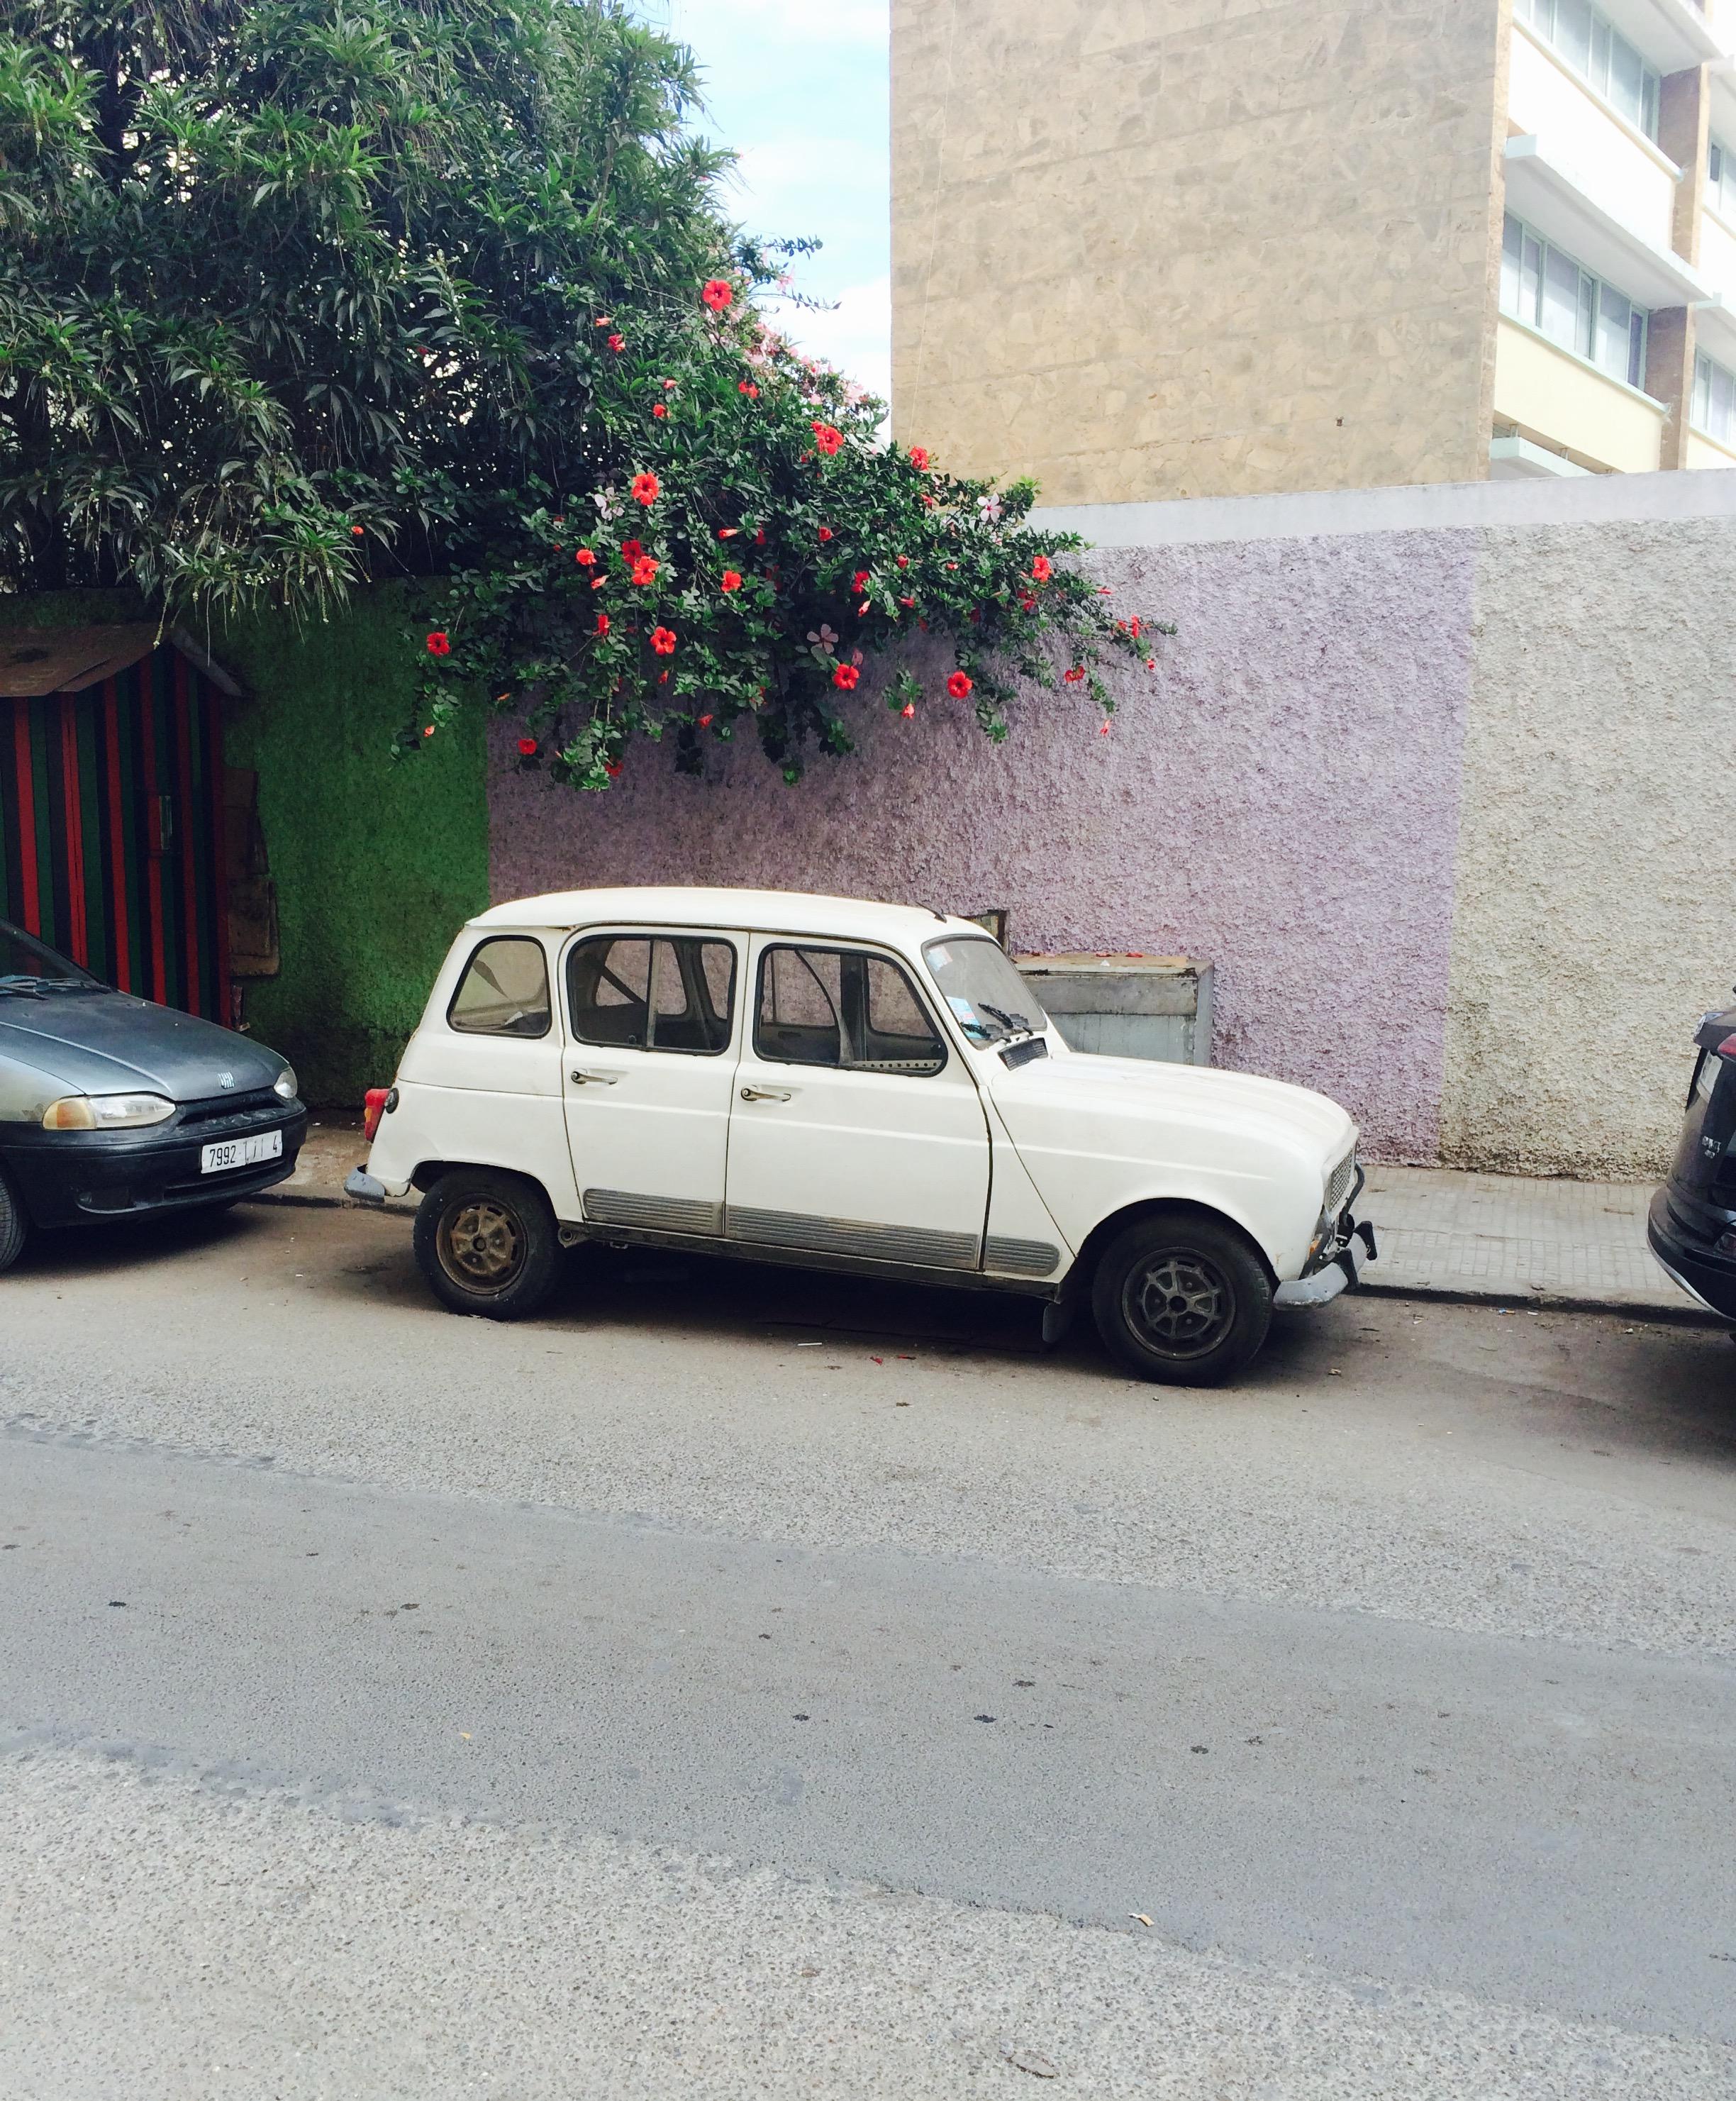 Cars of Rabat.